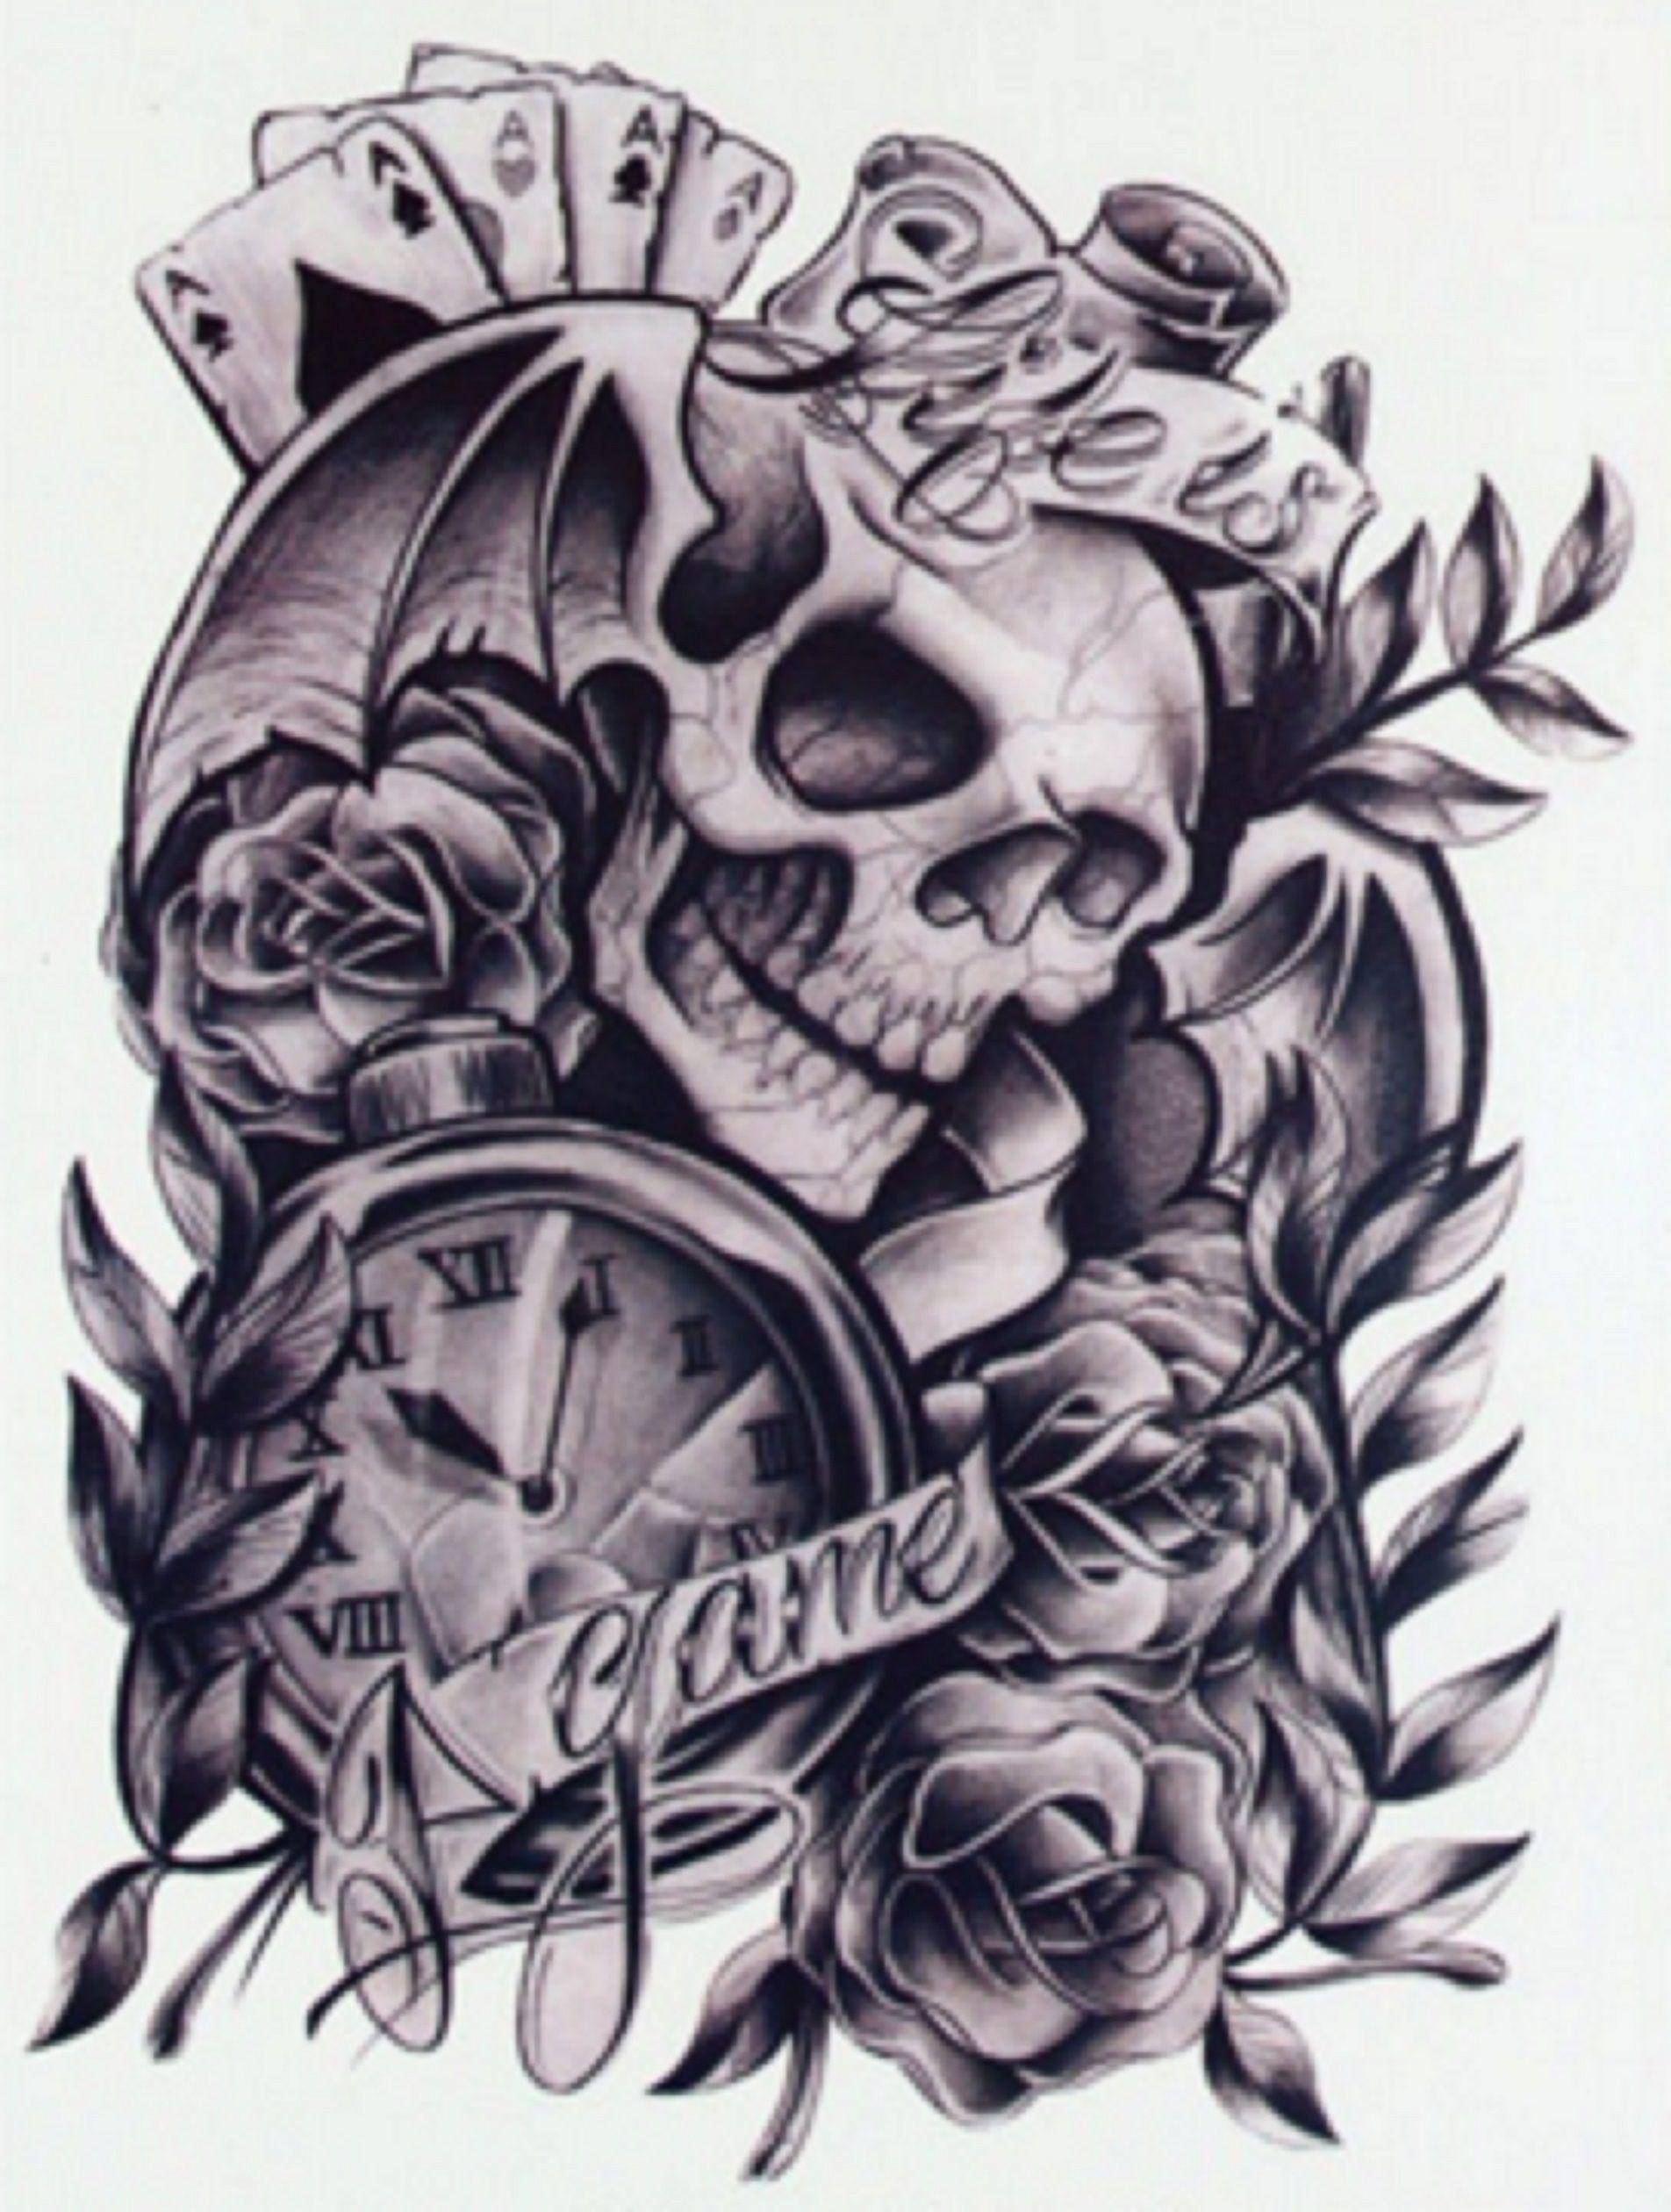 Life Is A Game Tattoo Design Tattoo Tattoos Tattoo Designs